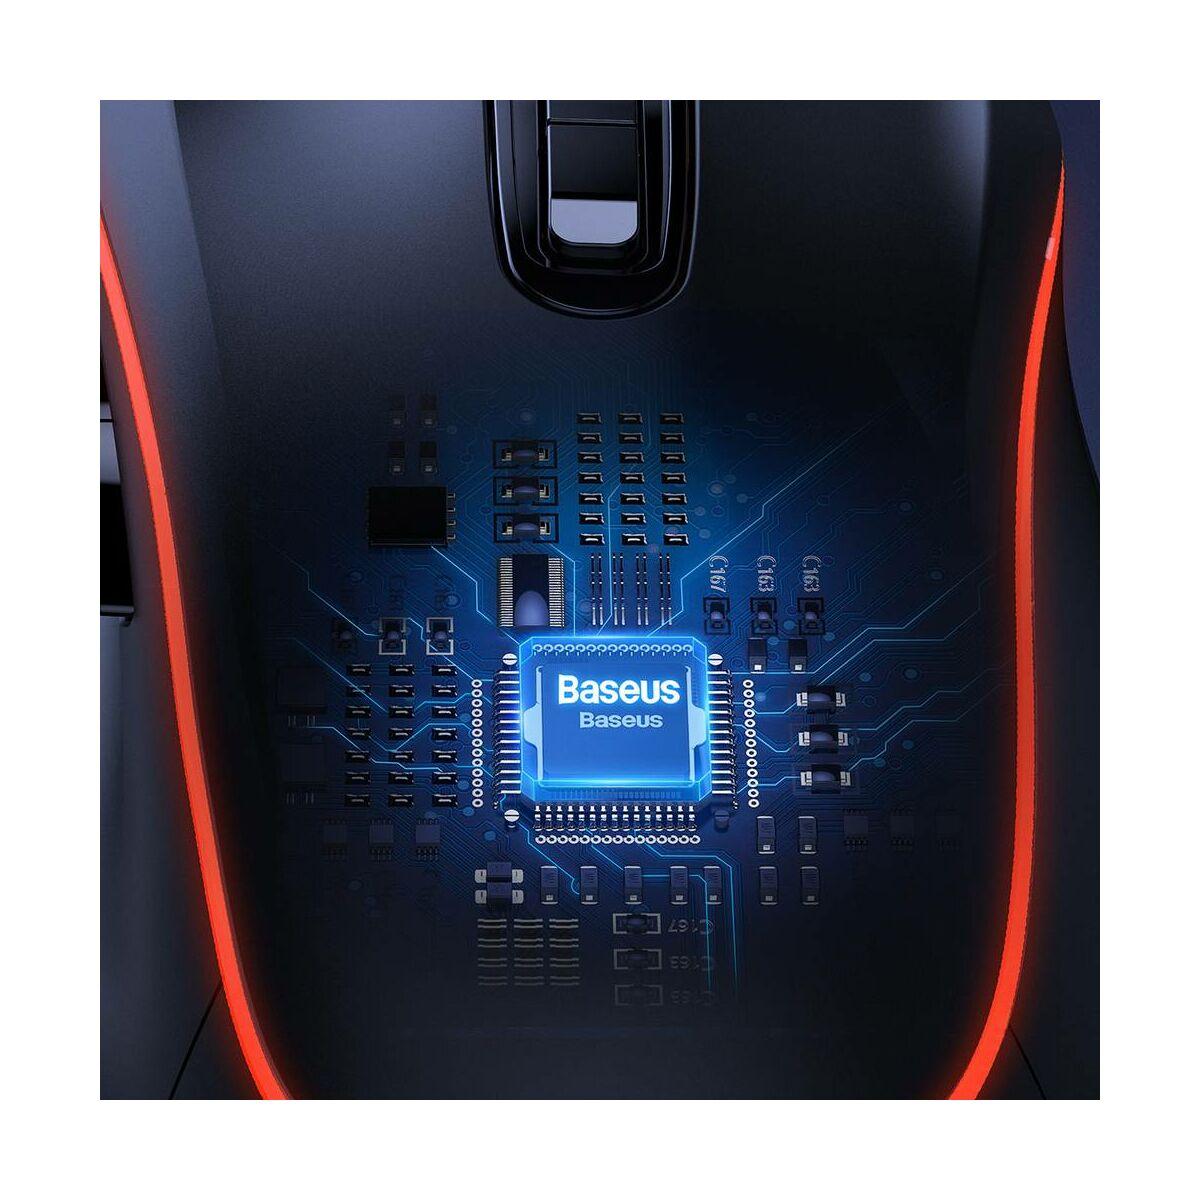 Baseus játék eszköz, GAMO egér, 6400 DPI, 9db programozható gomb, fekete (GMGM01-01)